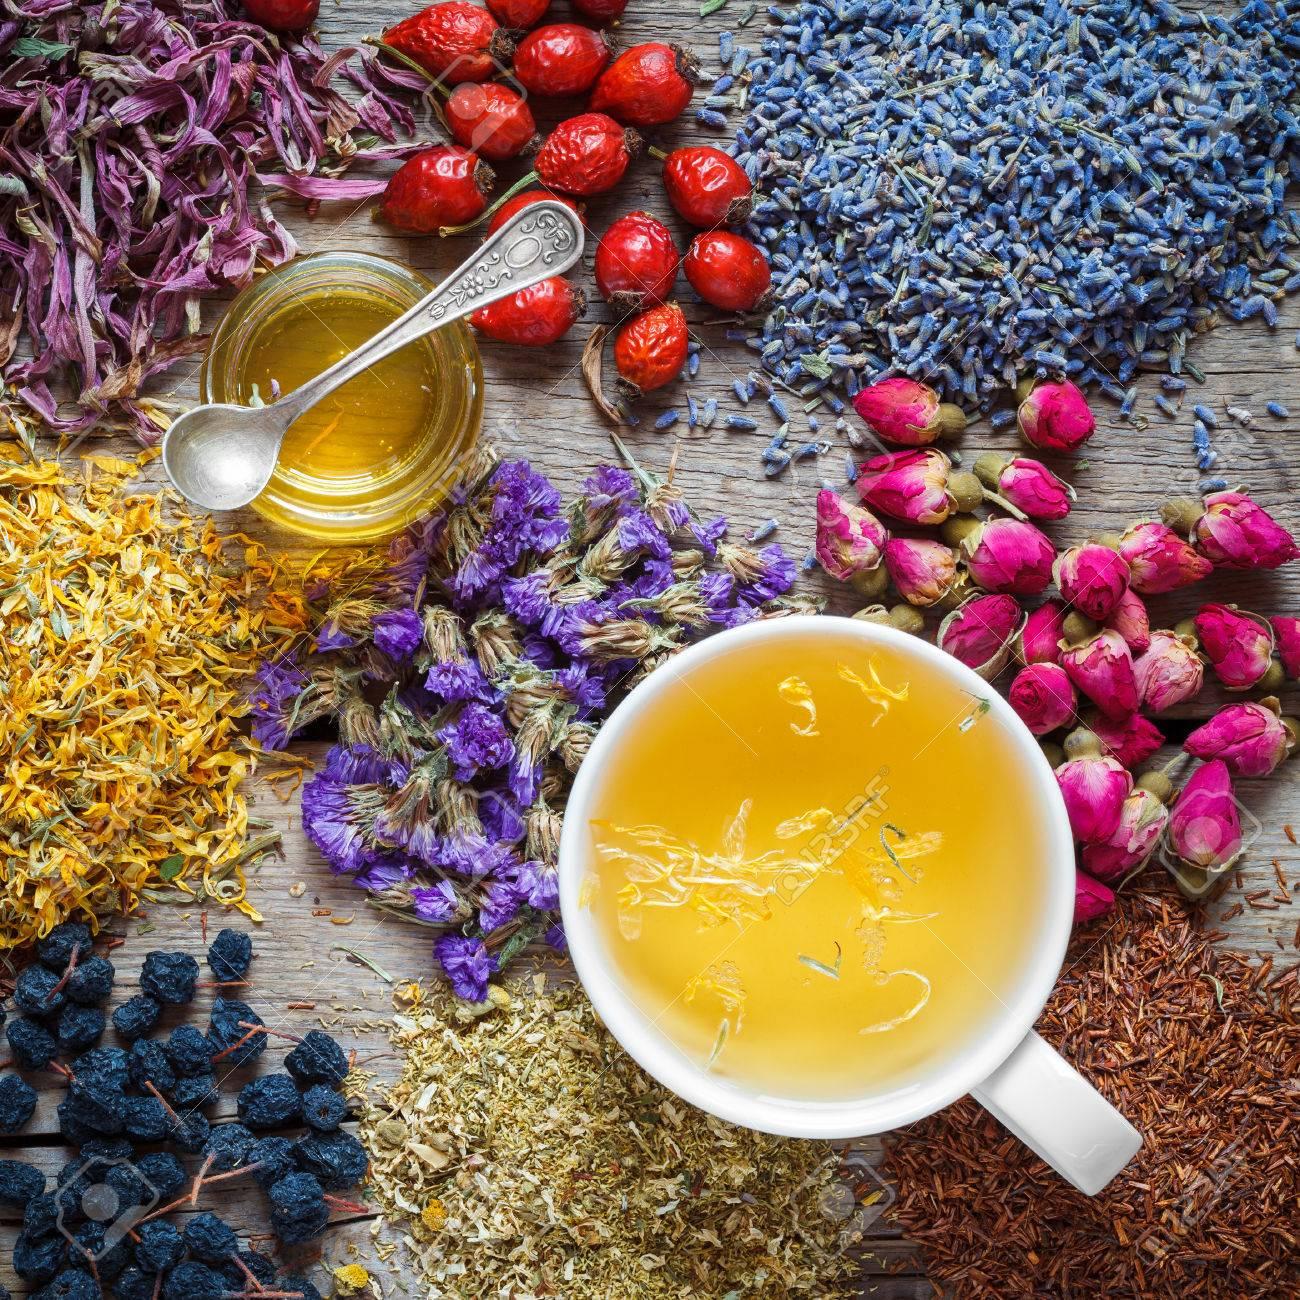 54973077-cup-of-healthy-tea-honey-healing-herbs-herbal-tea-assortment-and-berries-on-table-top-view-herbal-me.jpg